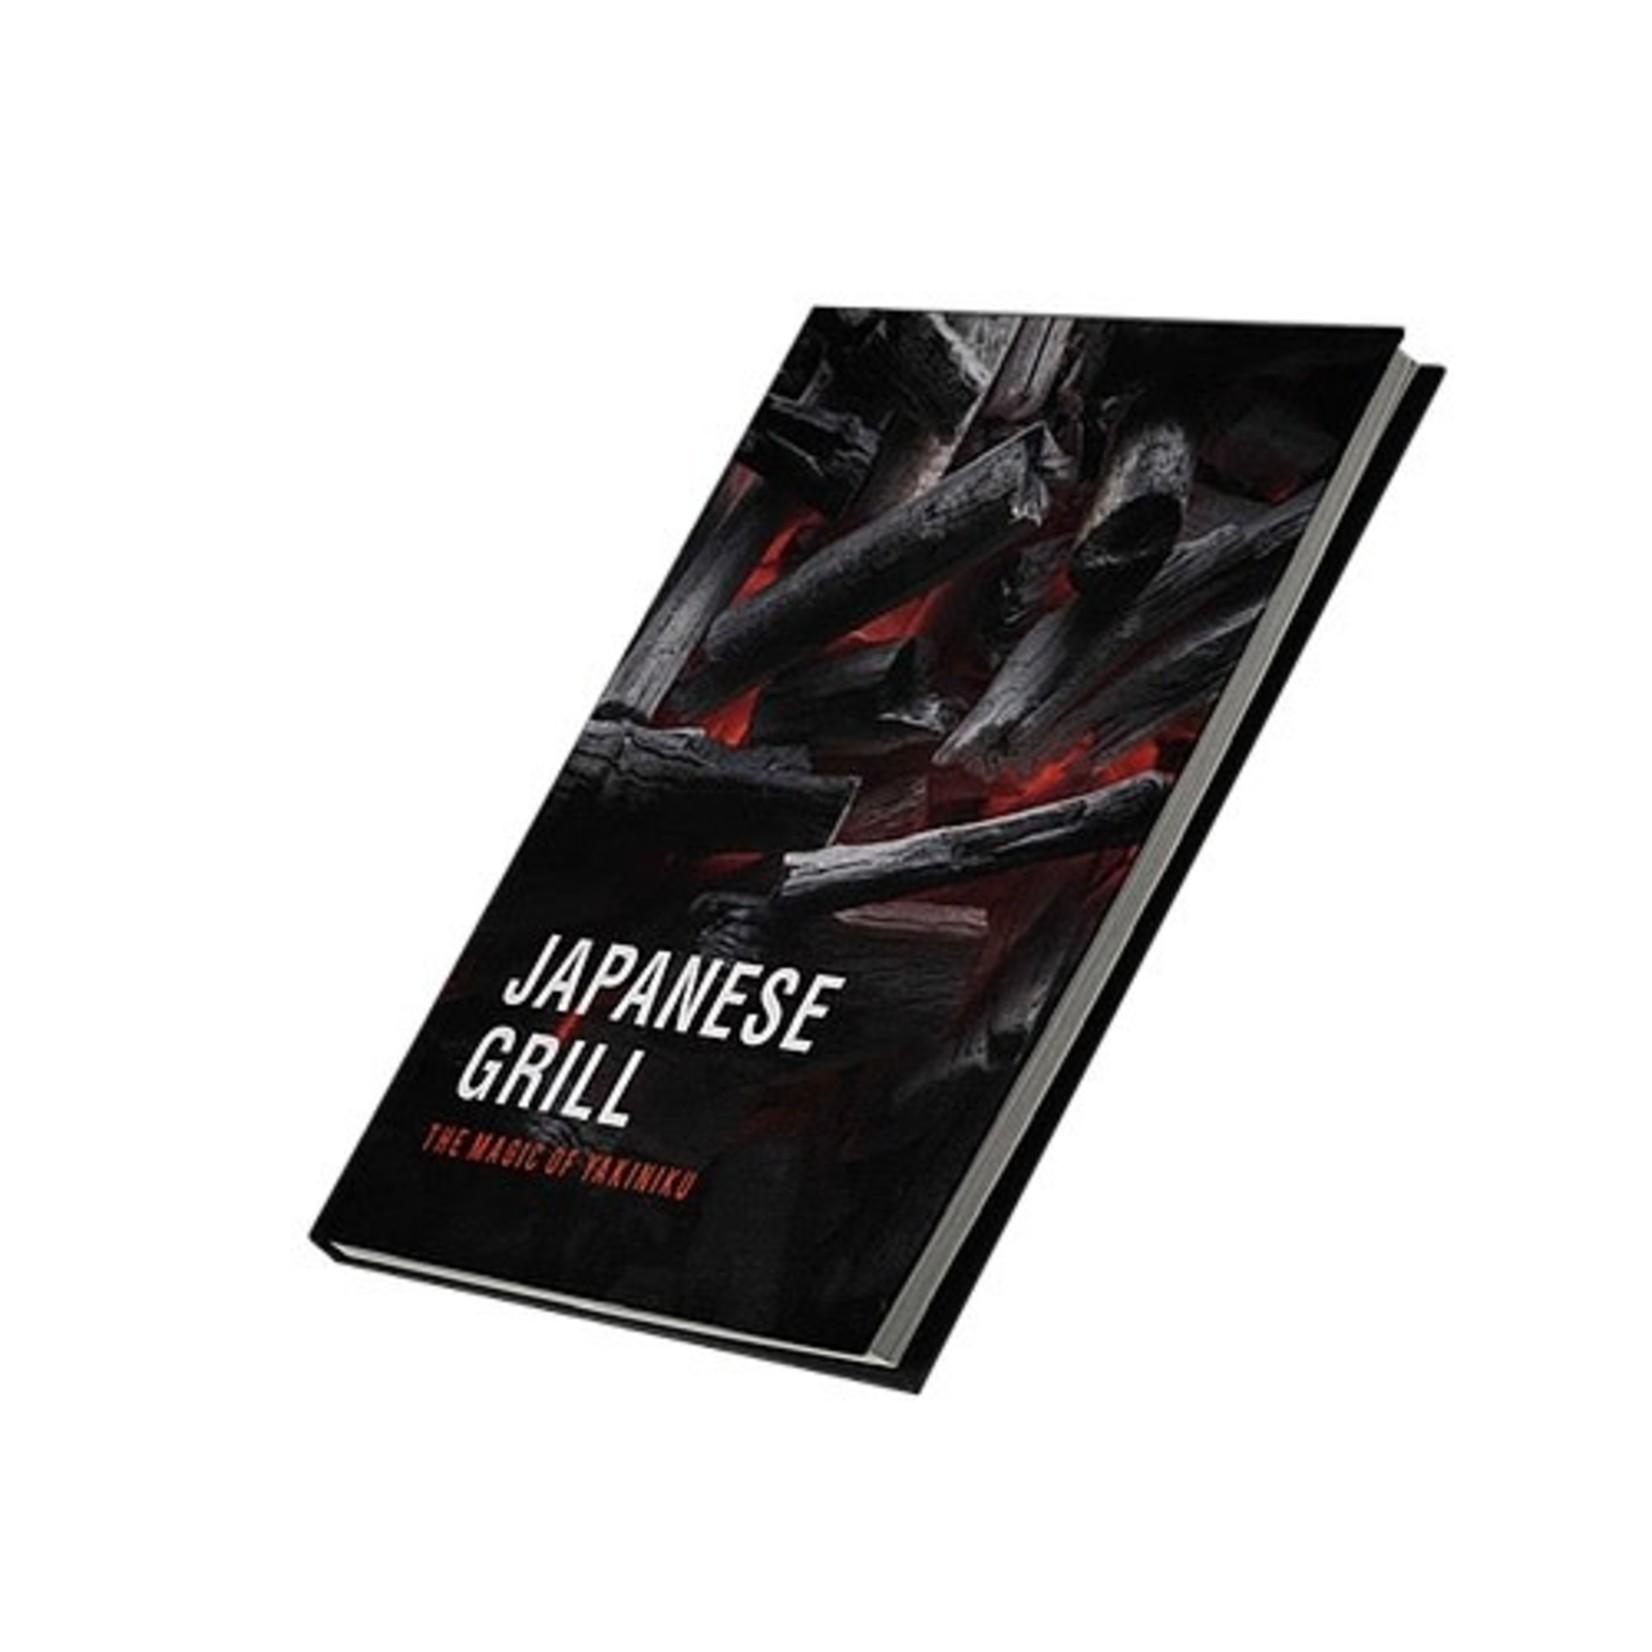 Yakiniku Yakiniku kookboek Japanese grill